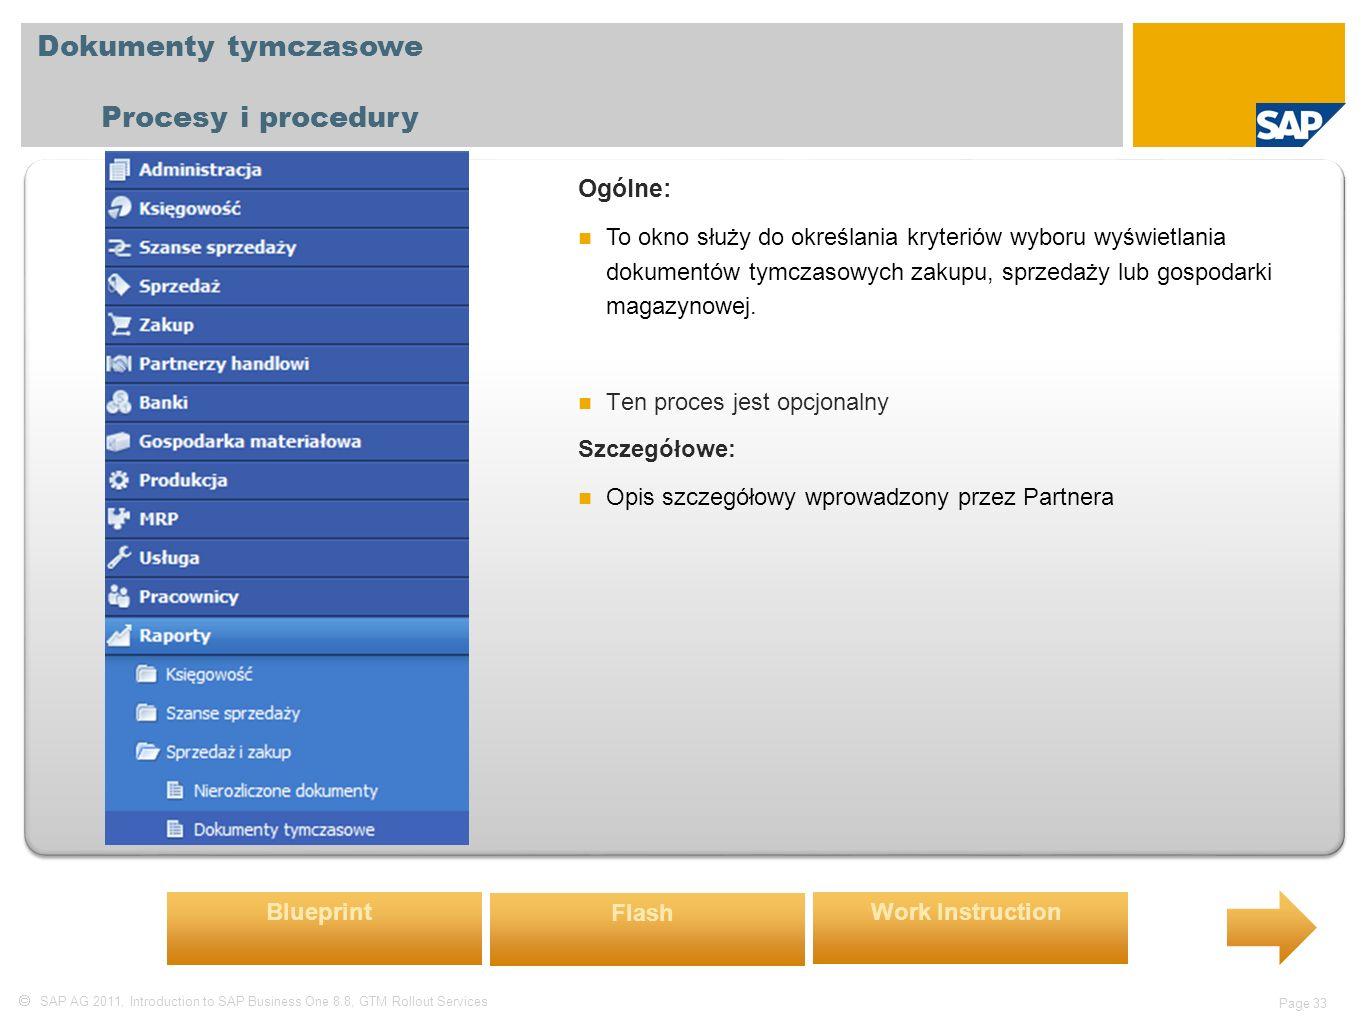  SAP AG 2011, Introduction to SAP Business One 8.8, GTM Rollout Services Page 33 Dokumenty tymczasowe Procesy i procedury Ogólne: To okno służy do ok